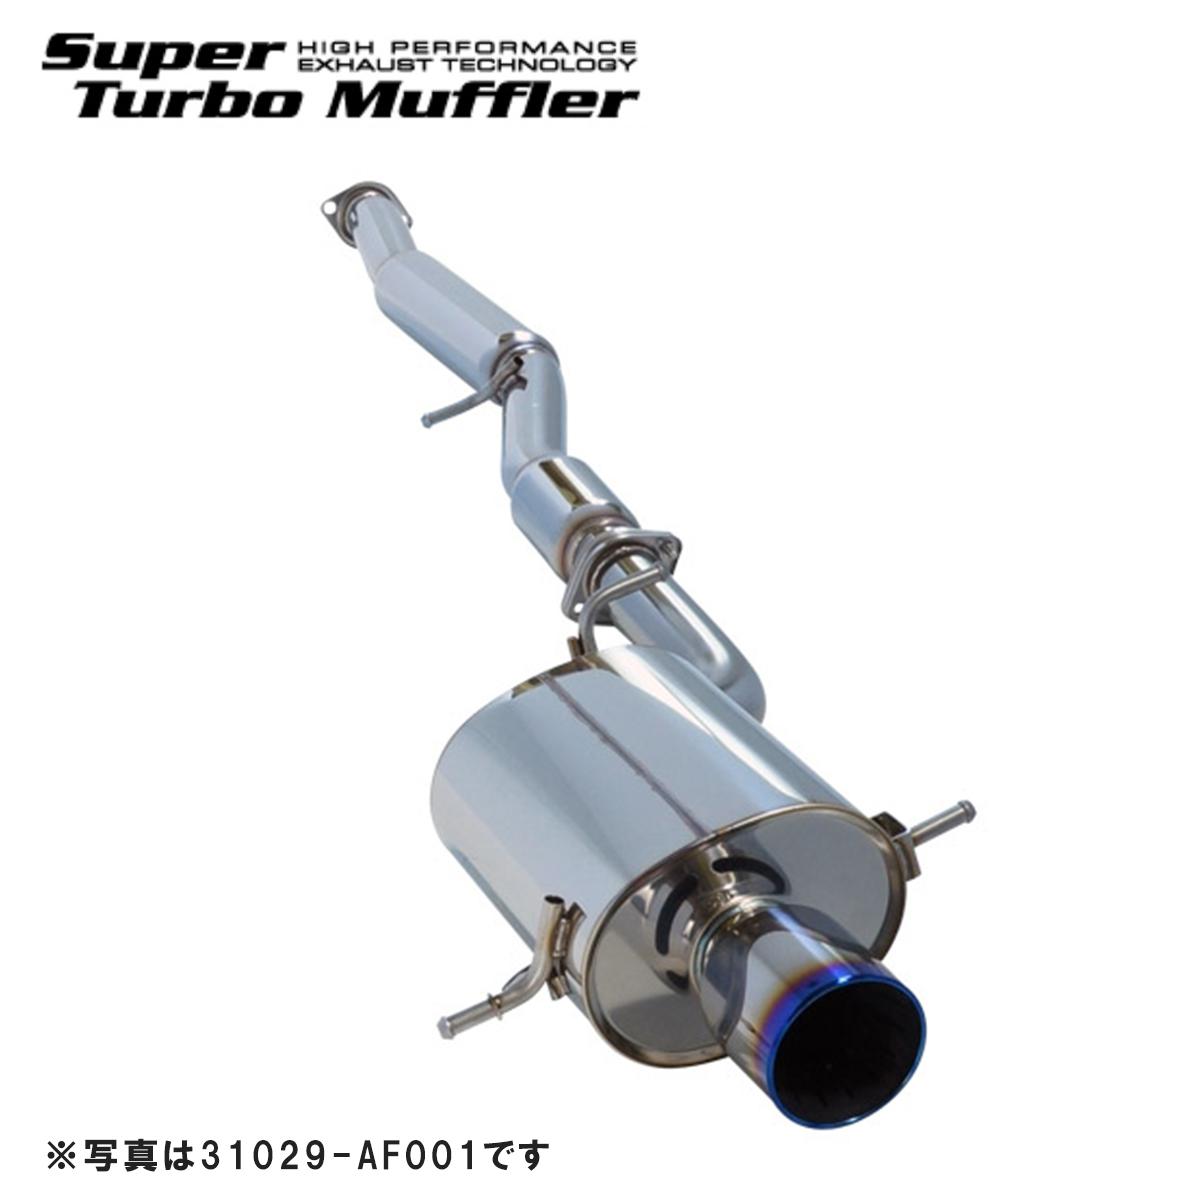 ジムニー マフラー JB23W HKS 31029-AS002 スーパーターボマフラー 配送先条件有り